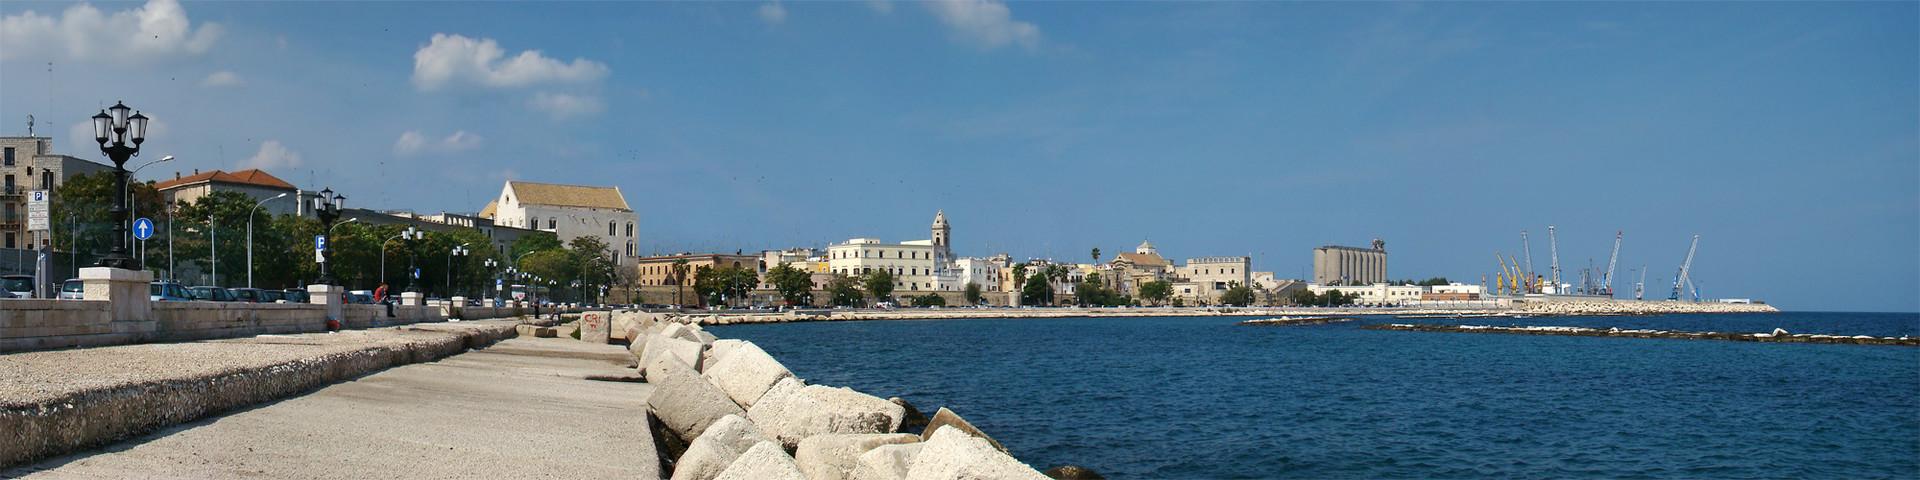 Expérience Erasmus à Bari, en Italie par Kateřina